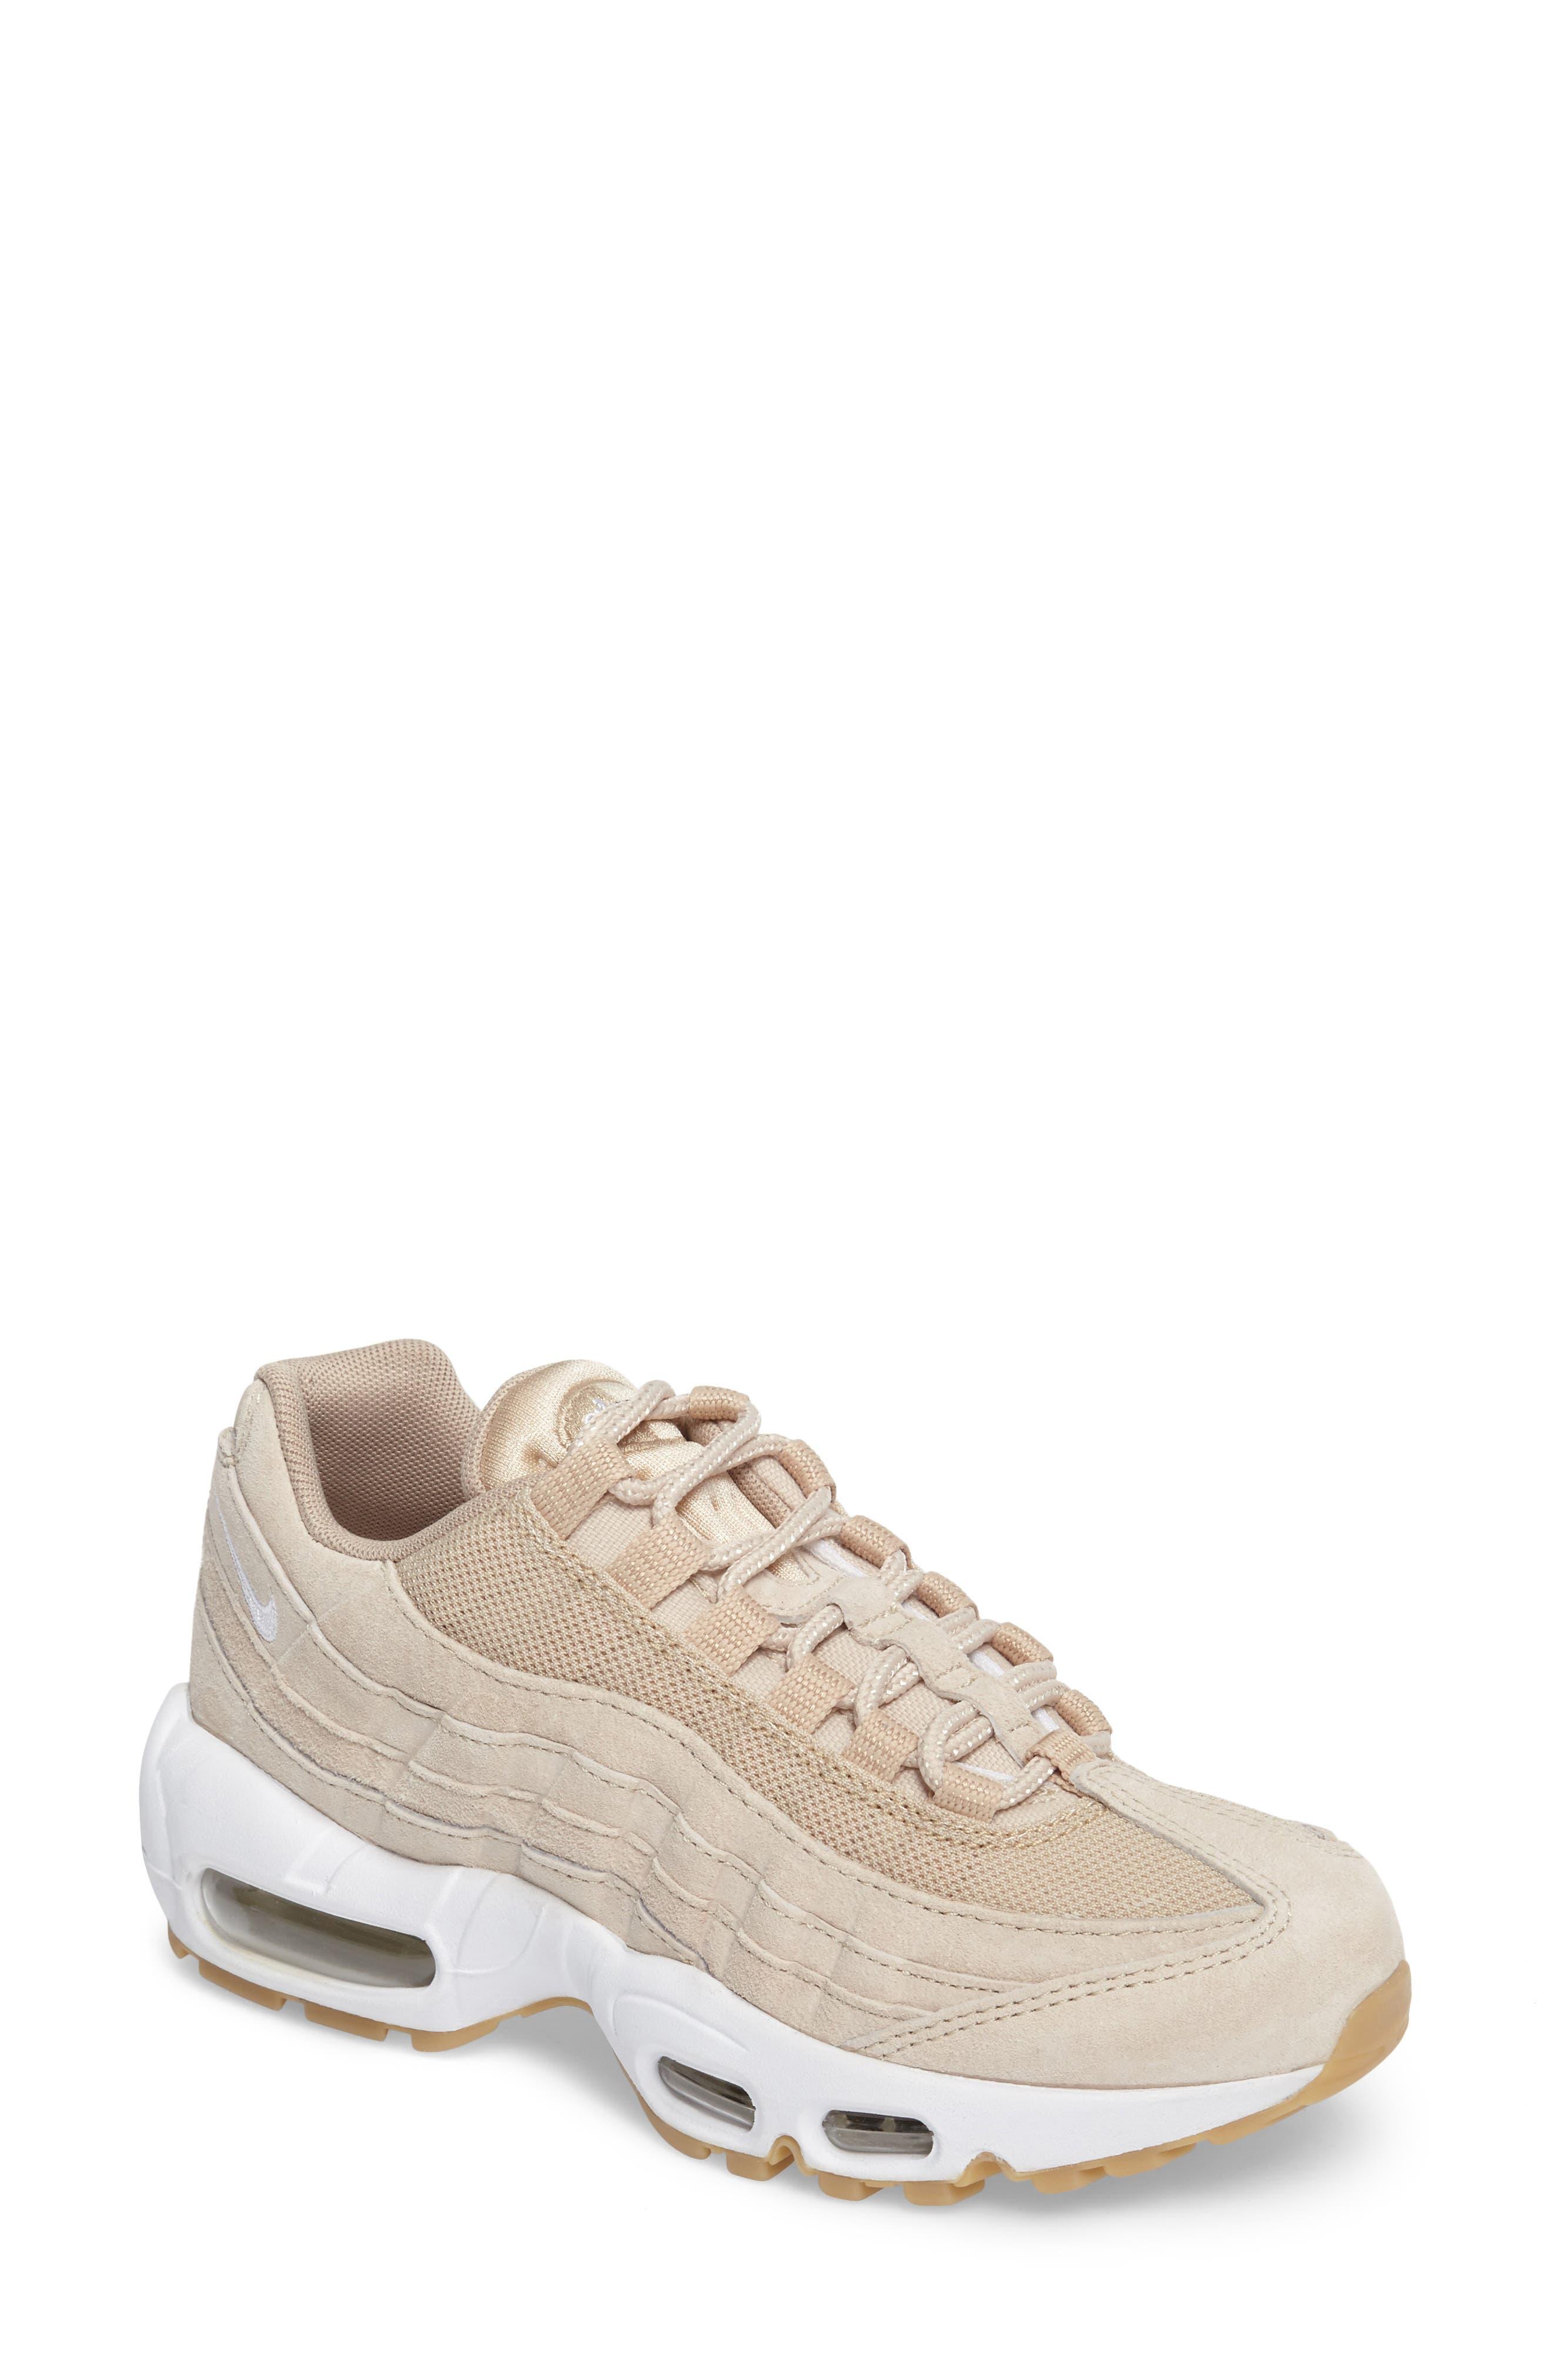 Nike Air Max 95 SD Sneaker (Women